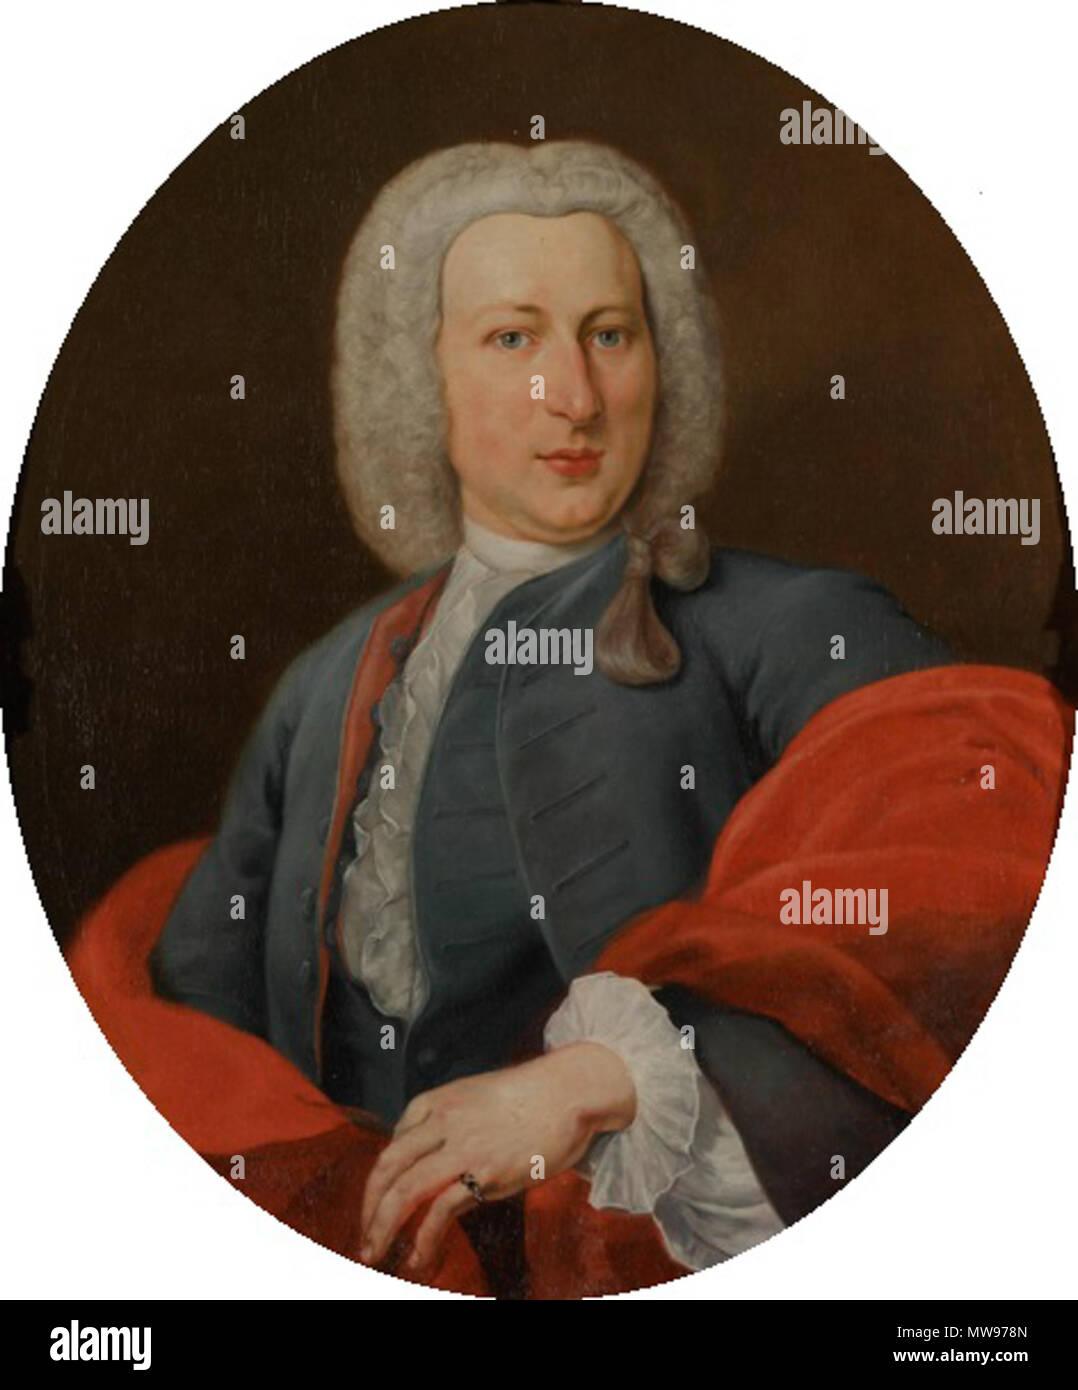 . Nederlands: Michiel van Bolhuis . 1739. Johannes Antiquus (1702-1750) 319 Johannes Antiquus - Michiel van Bolhuis - Stock Image